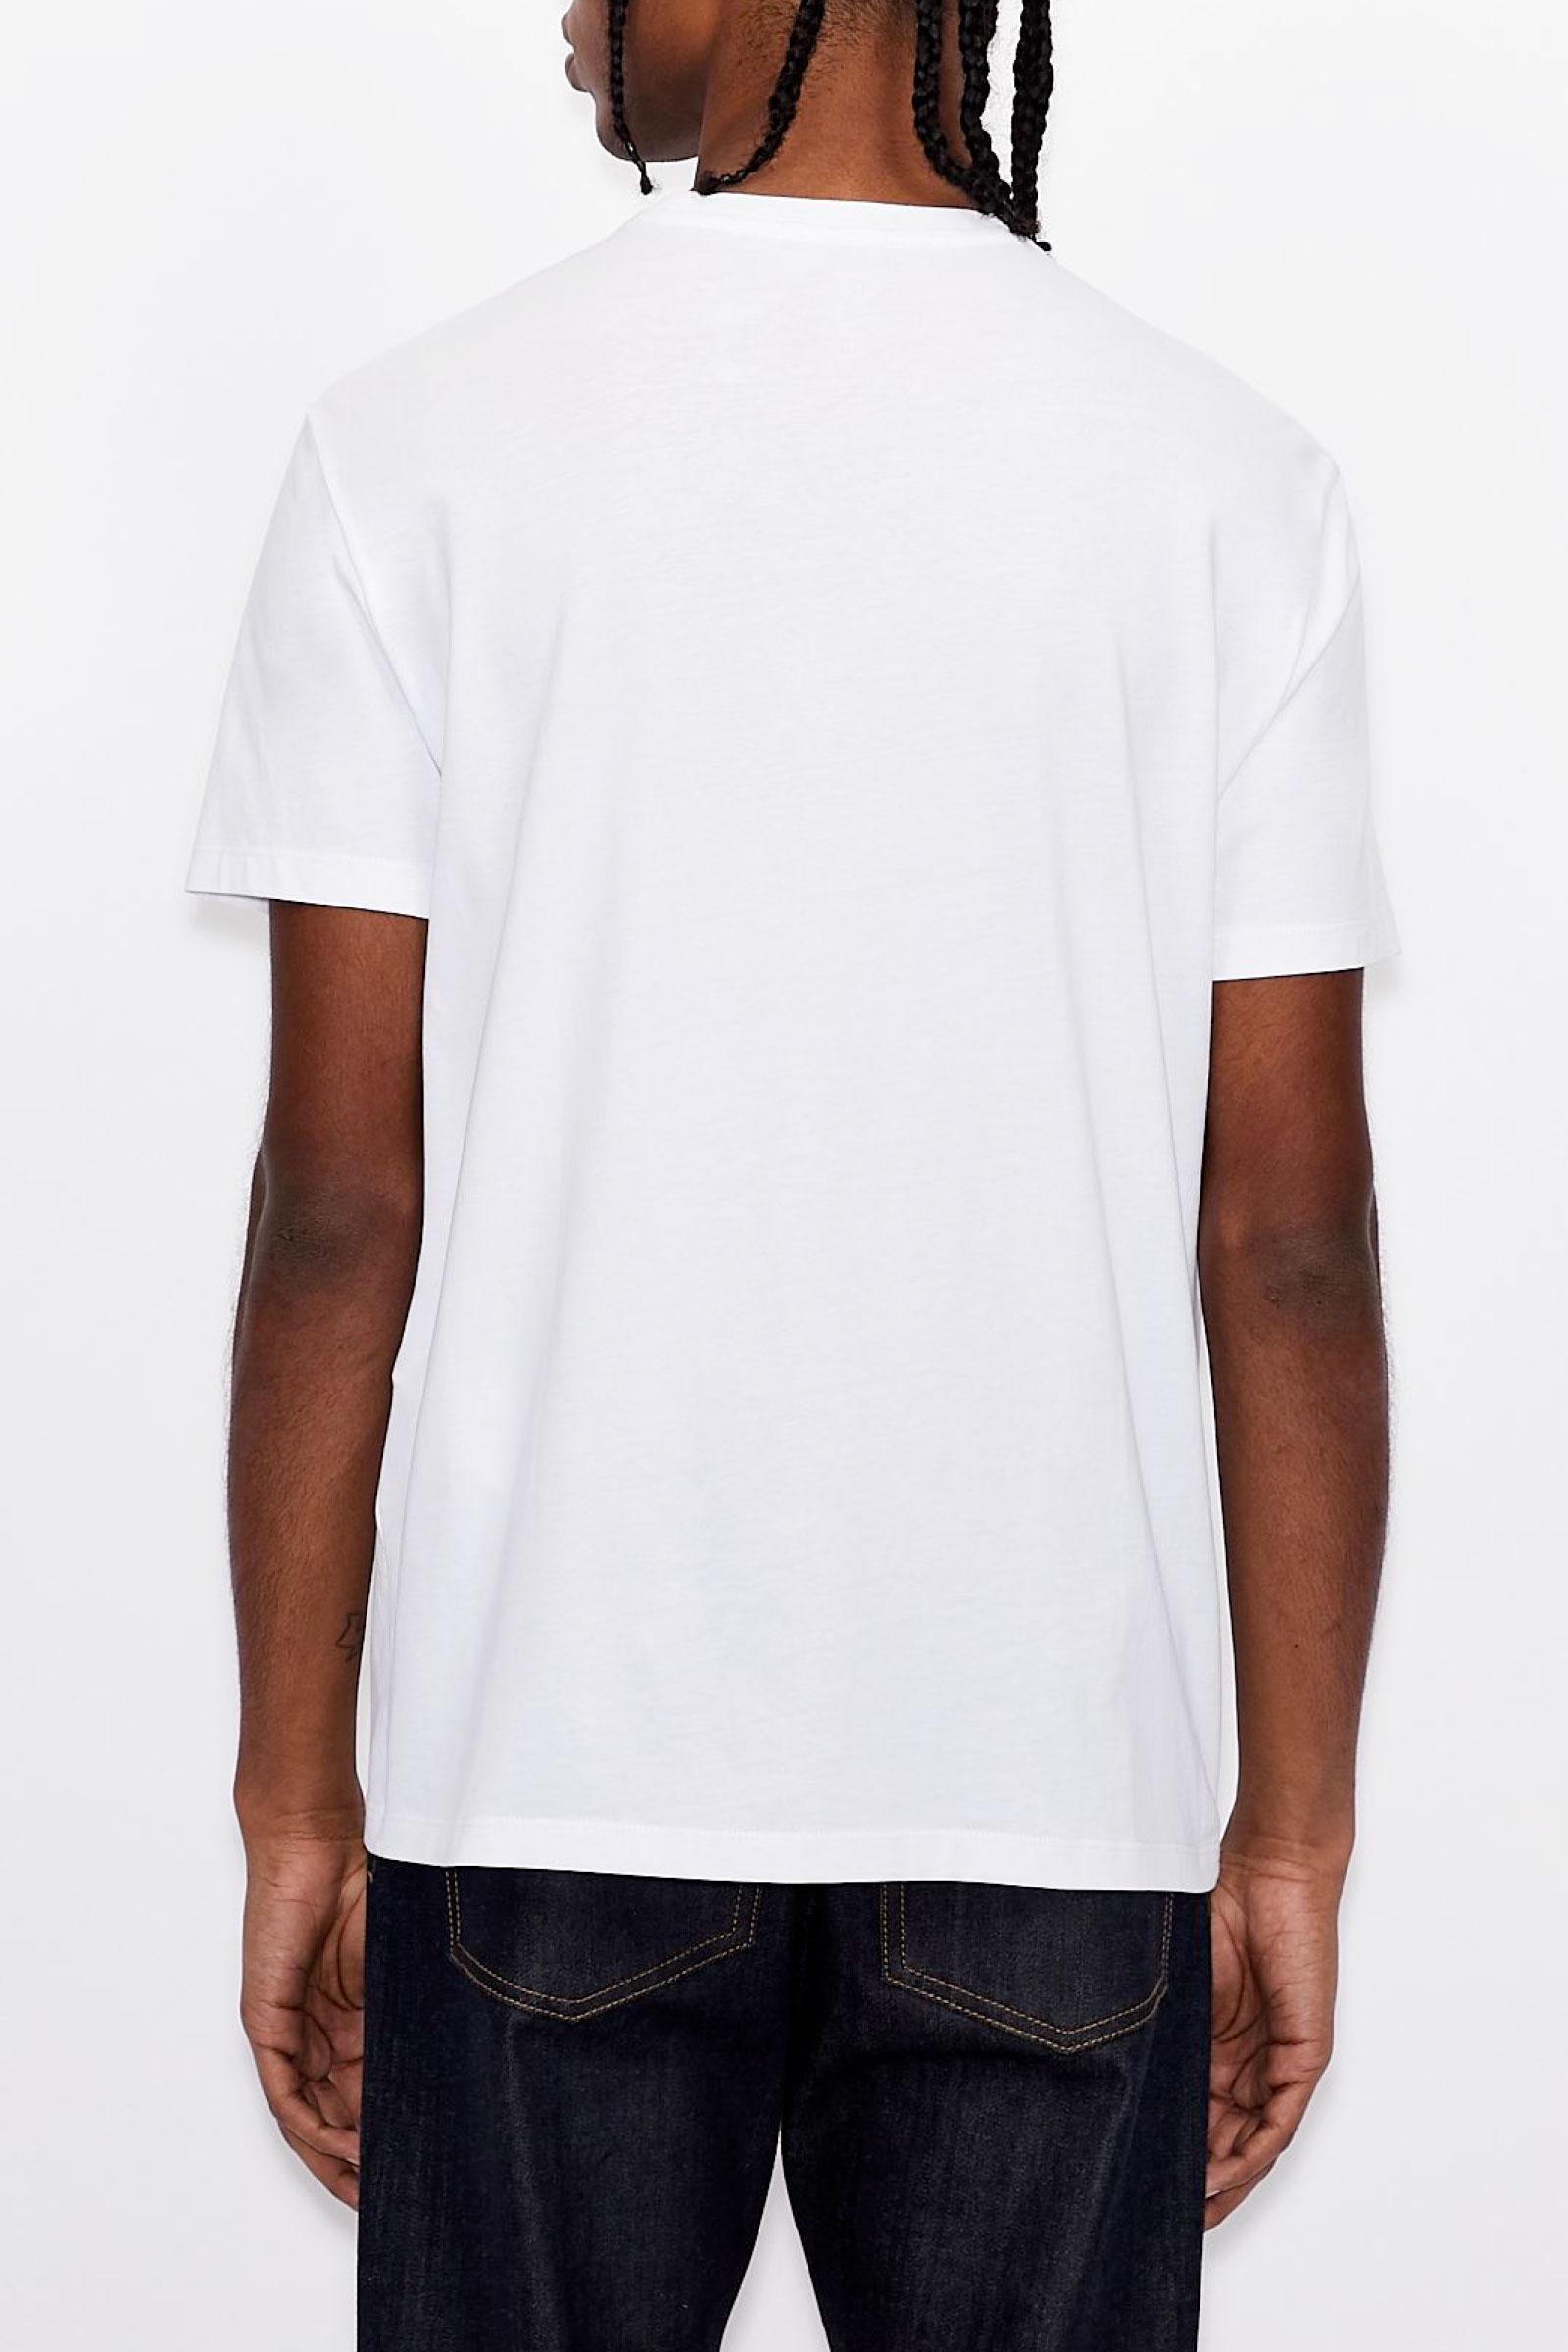 ARMANI EXCHANGE T-Shirt Uomo ARMANI EXCHANGE | T-Shirt | 3KZTFX ZJH4Z1100